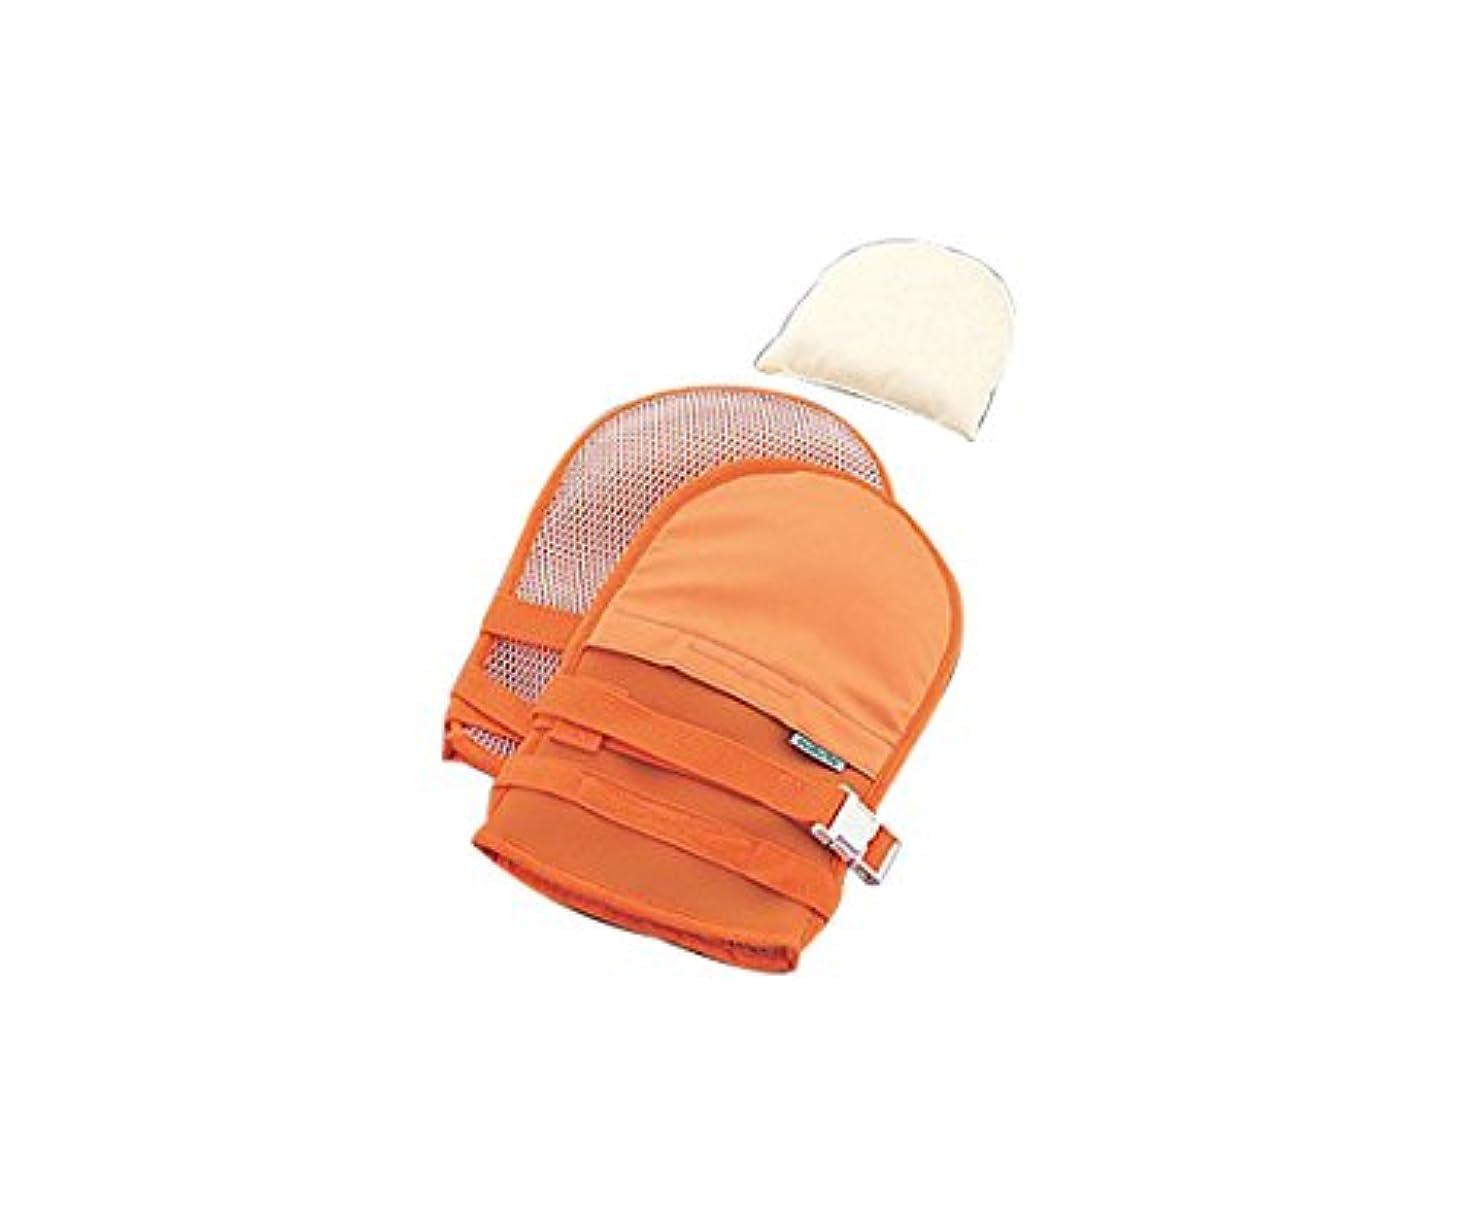 円形呼吸するブロックするナビス(アズワン)0-1638-42抜管防止手袋中メッシュオレンジ